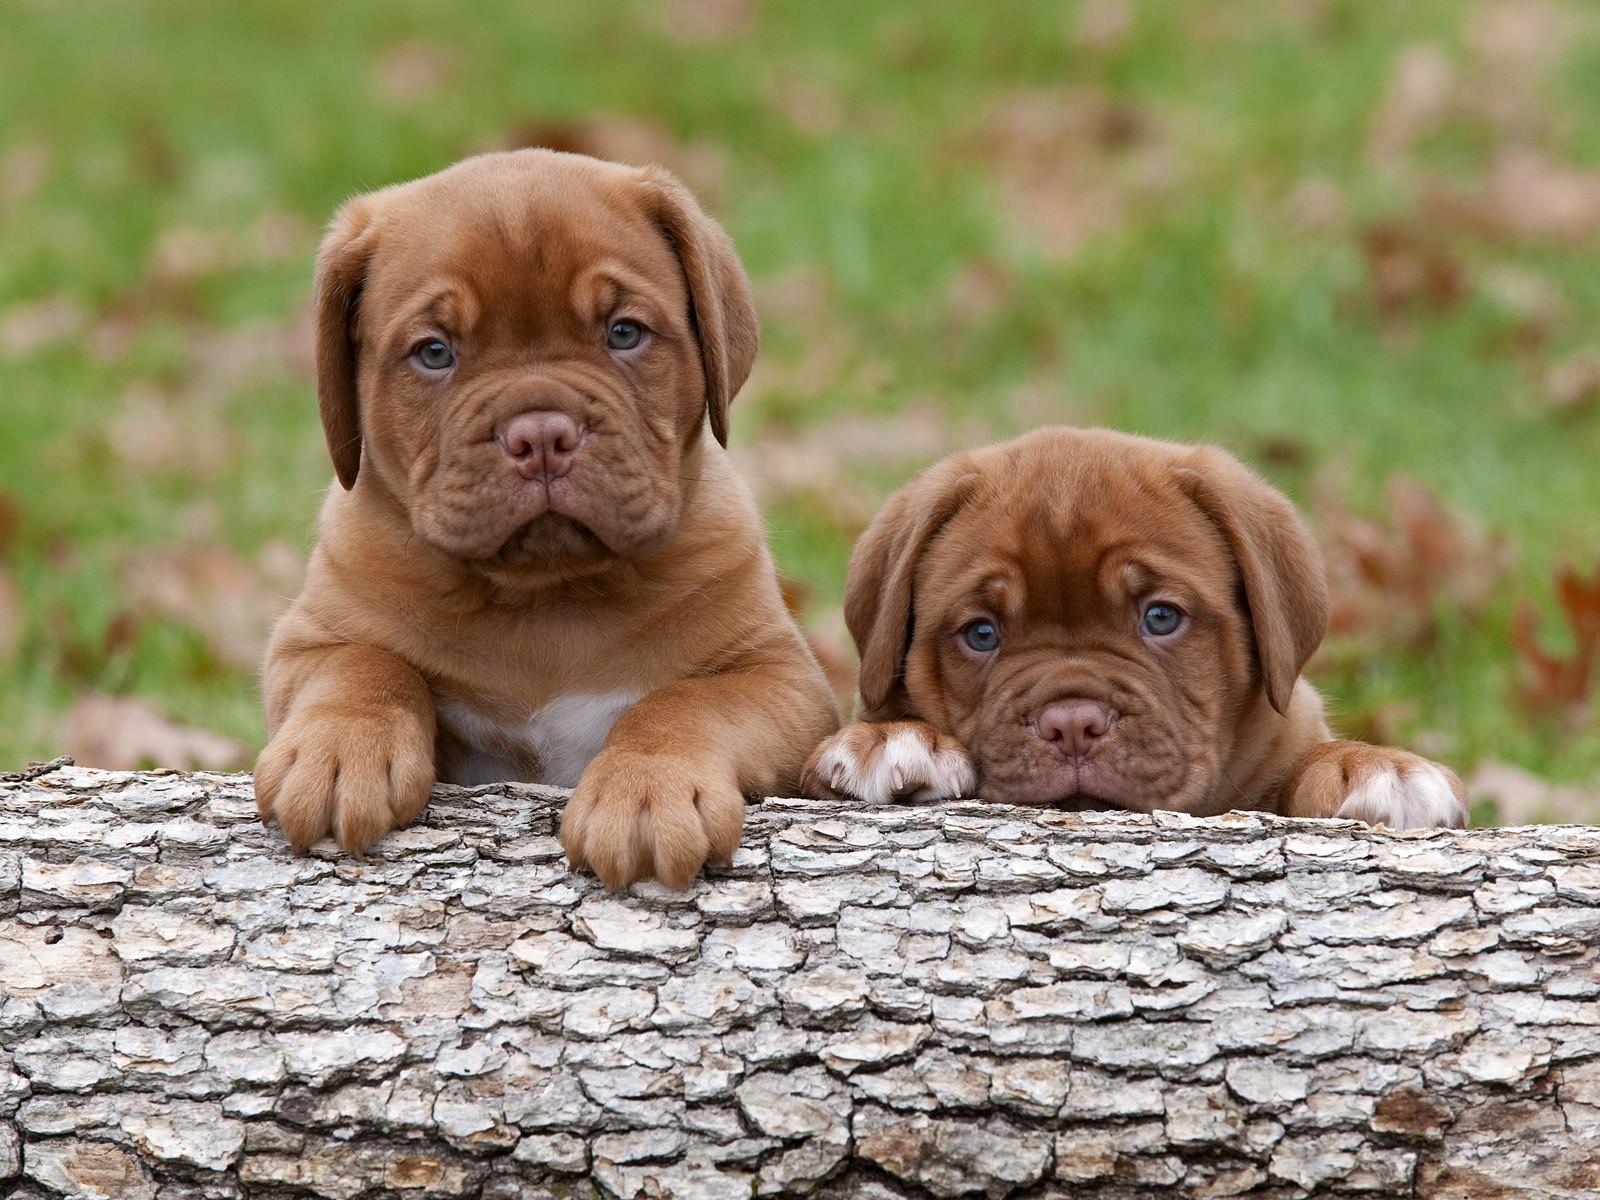 http://2.bp.blogspot.com/-czoq65ZeIMI/UTAcMun8ywI/AAAAAAAAFh4/Nz6T67j1a54/s1600/dogs-puppies-dogue-de-bordeaux-HD-Wallpapers.jpg